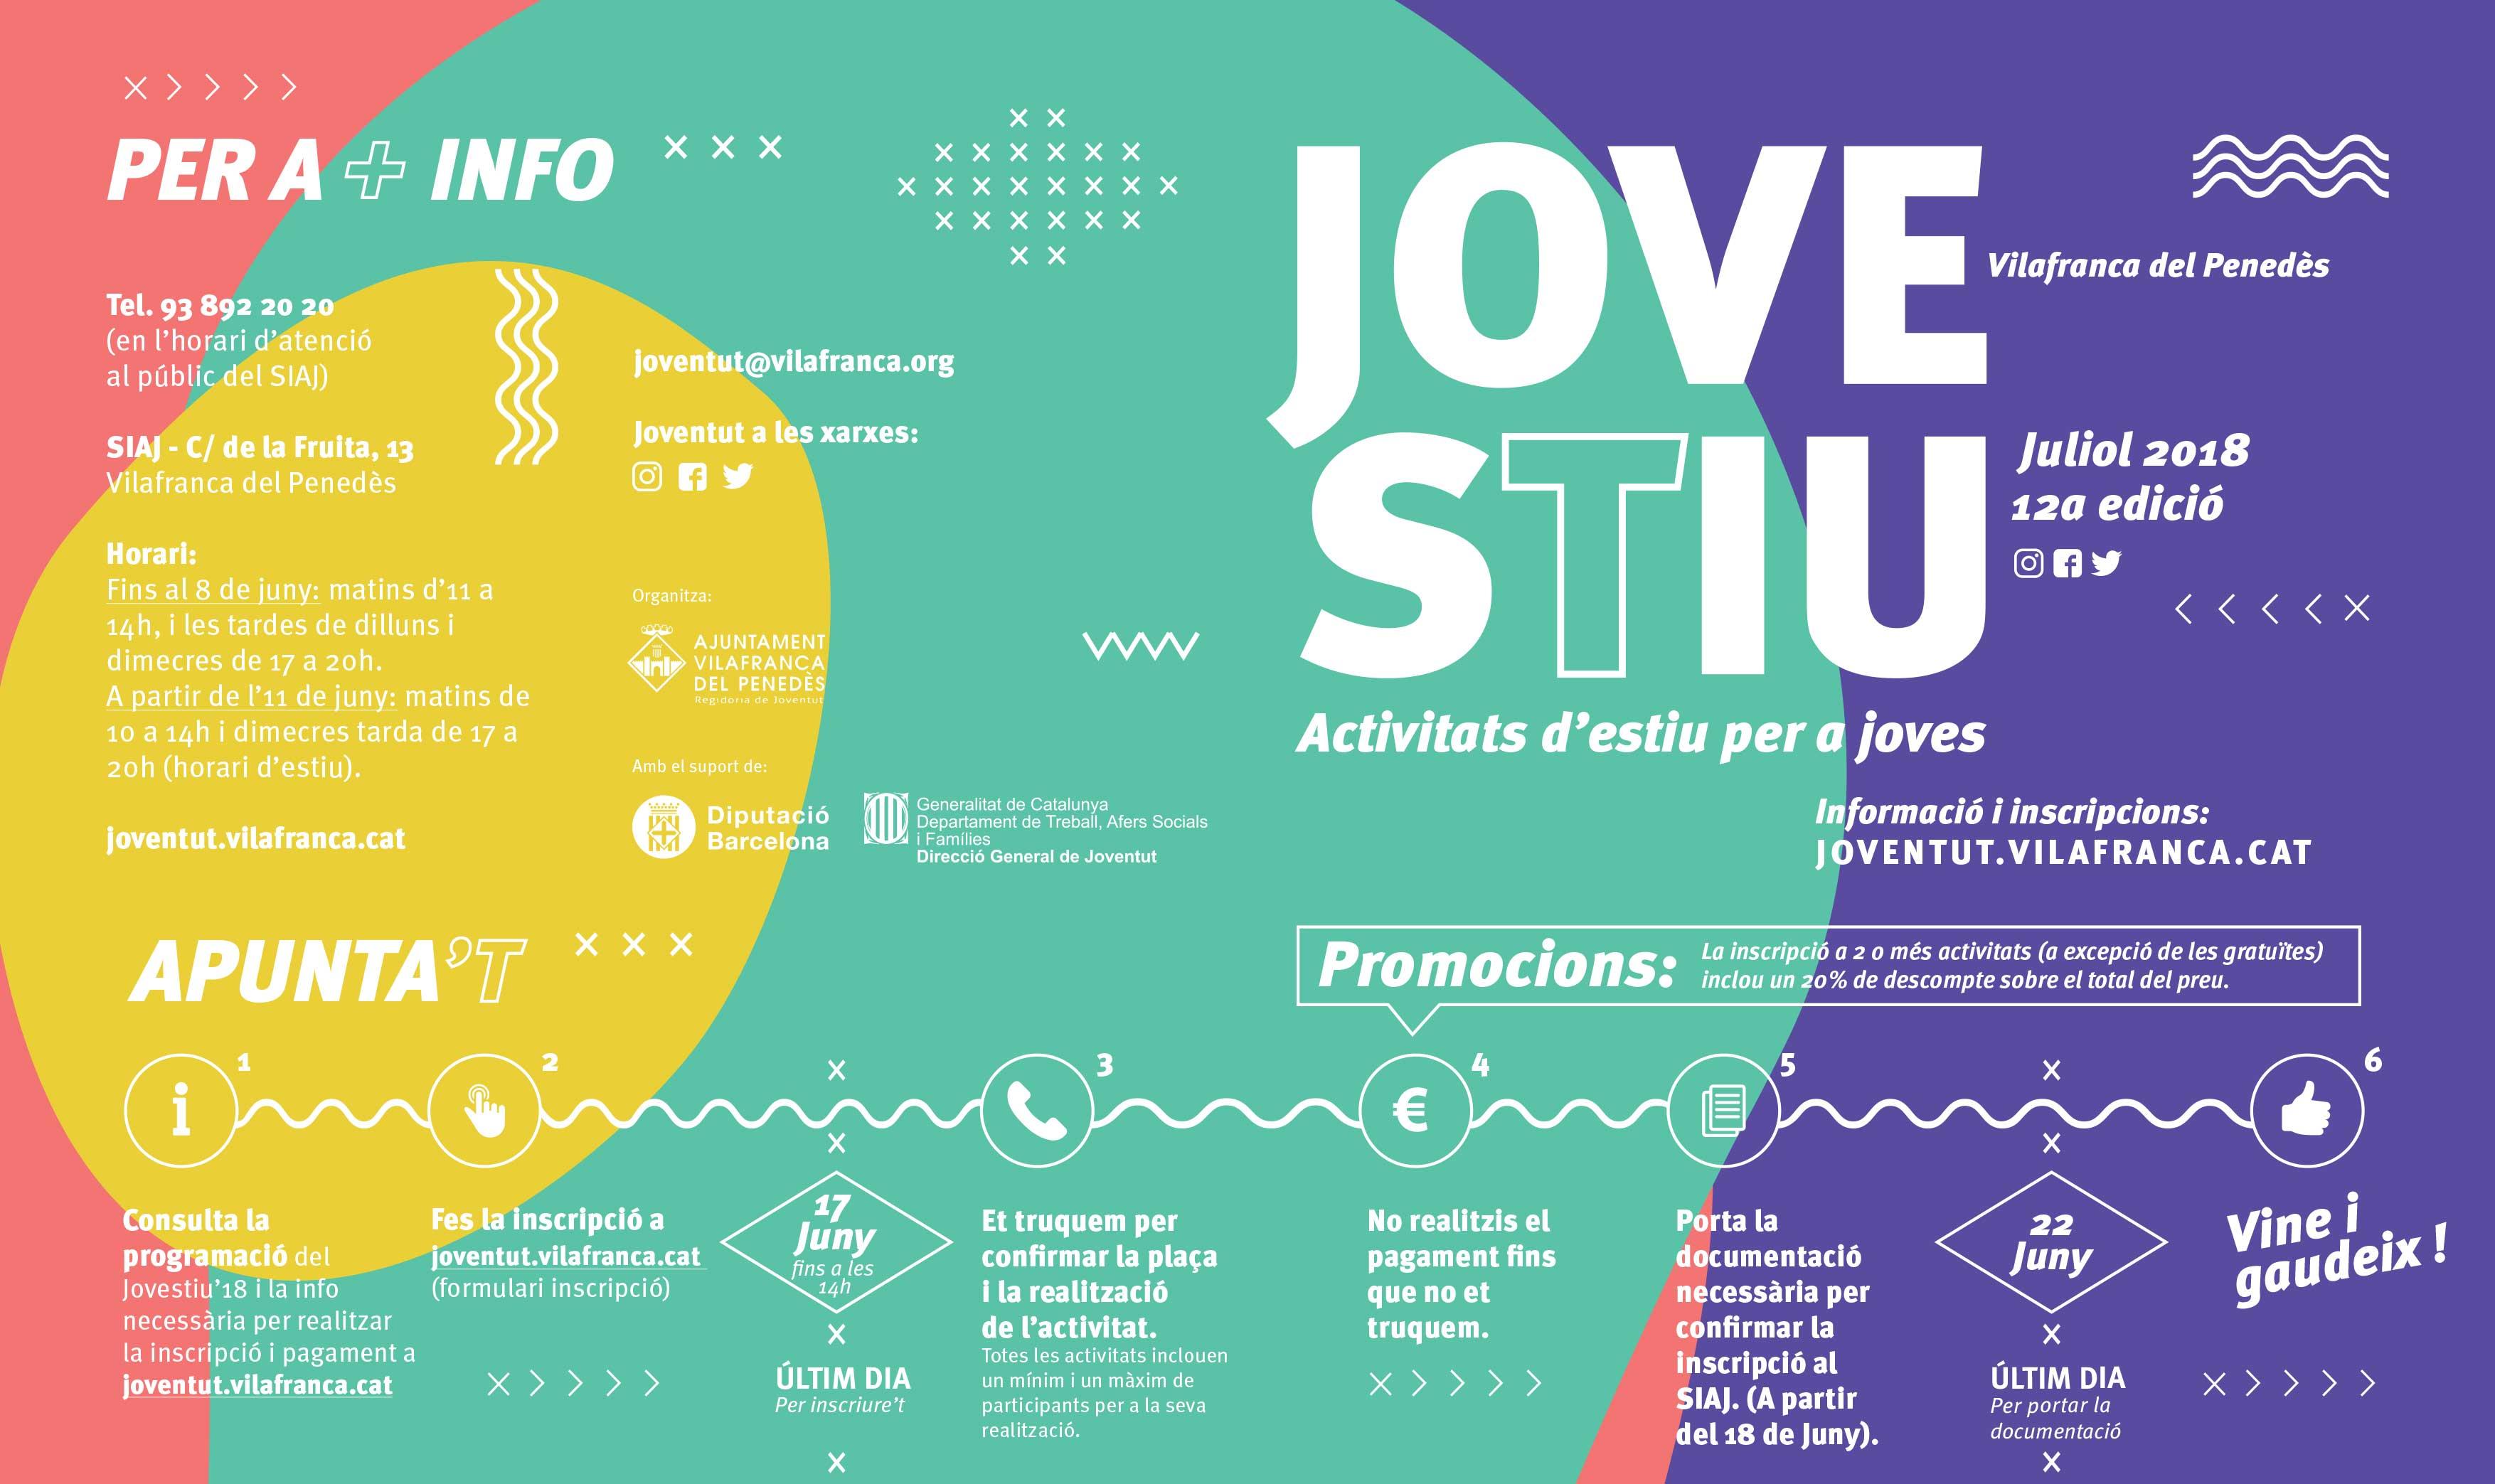 Info-Jovestiu-Disculpi-Studio-Vilafranca-del-Penedes